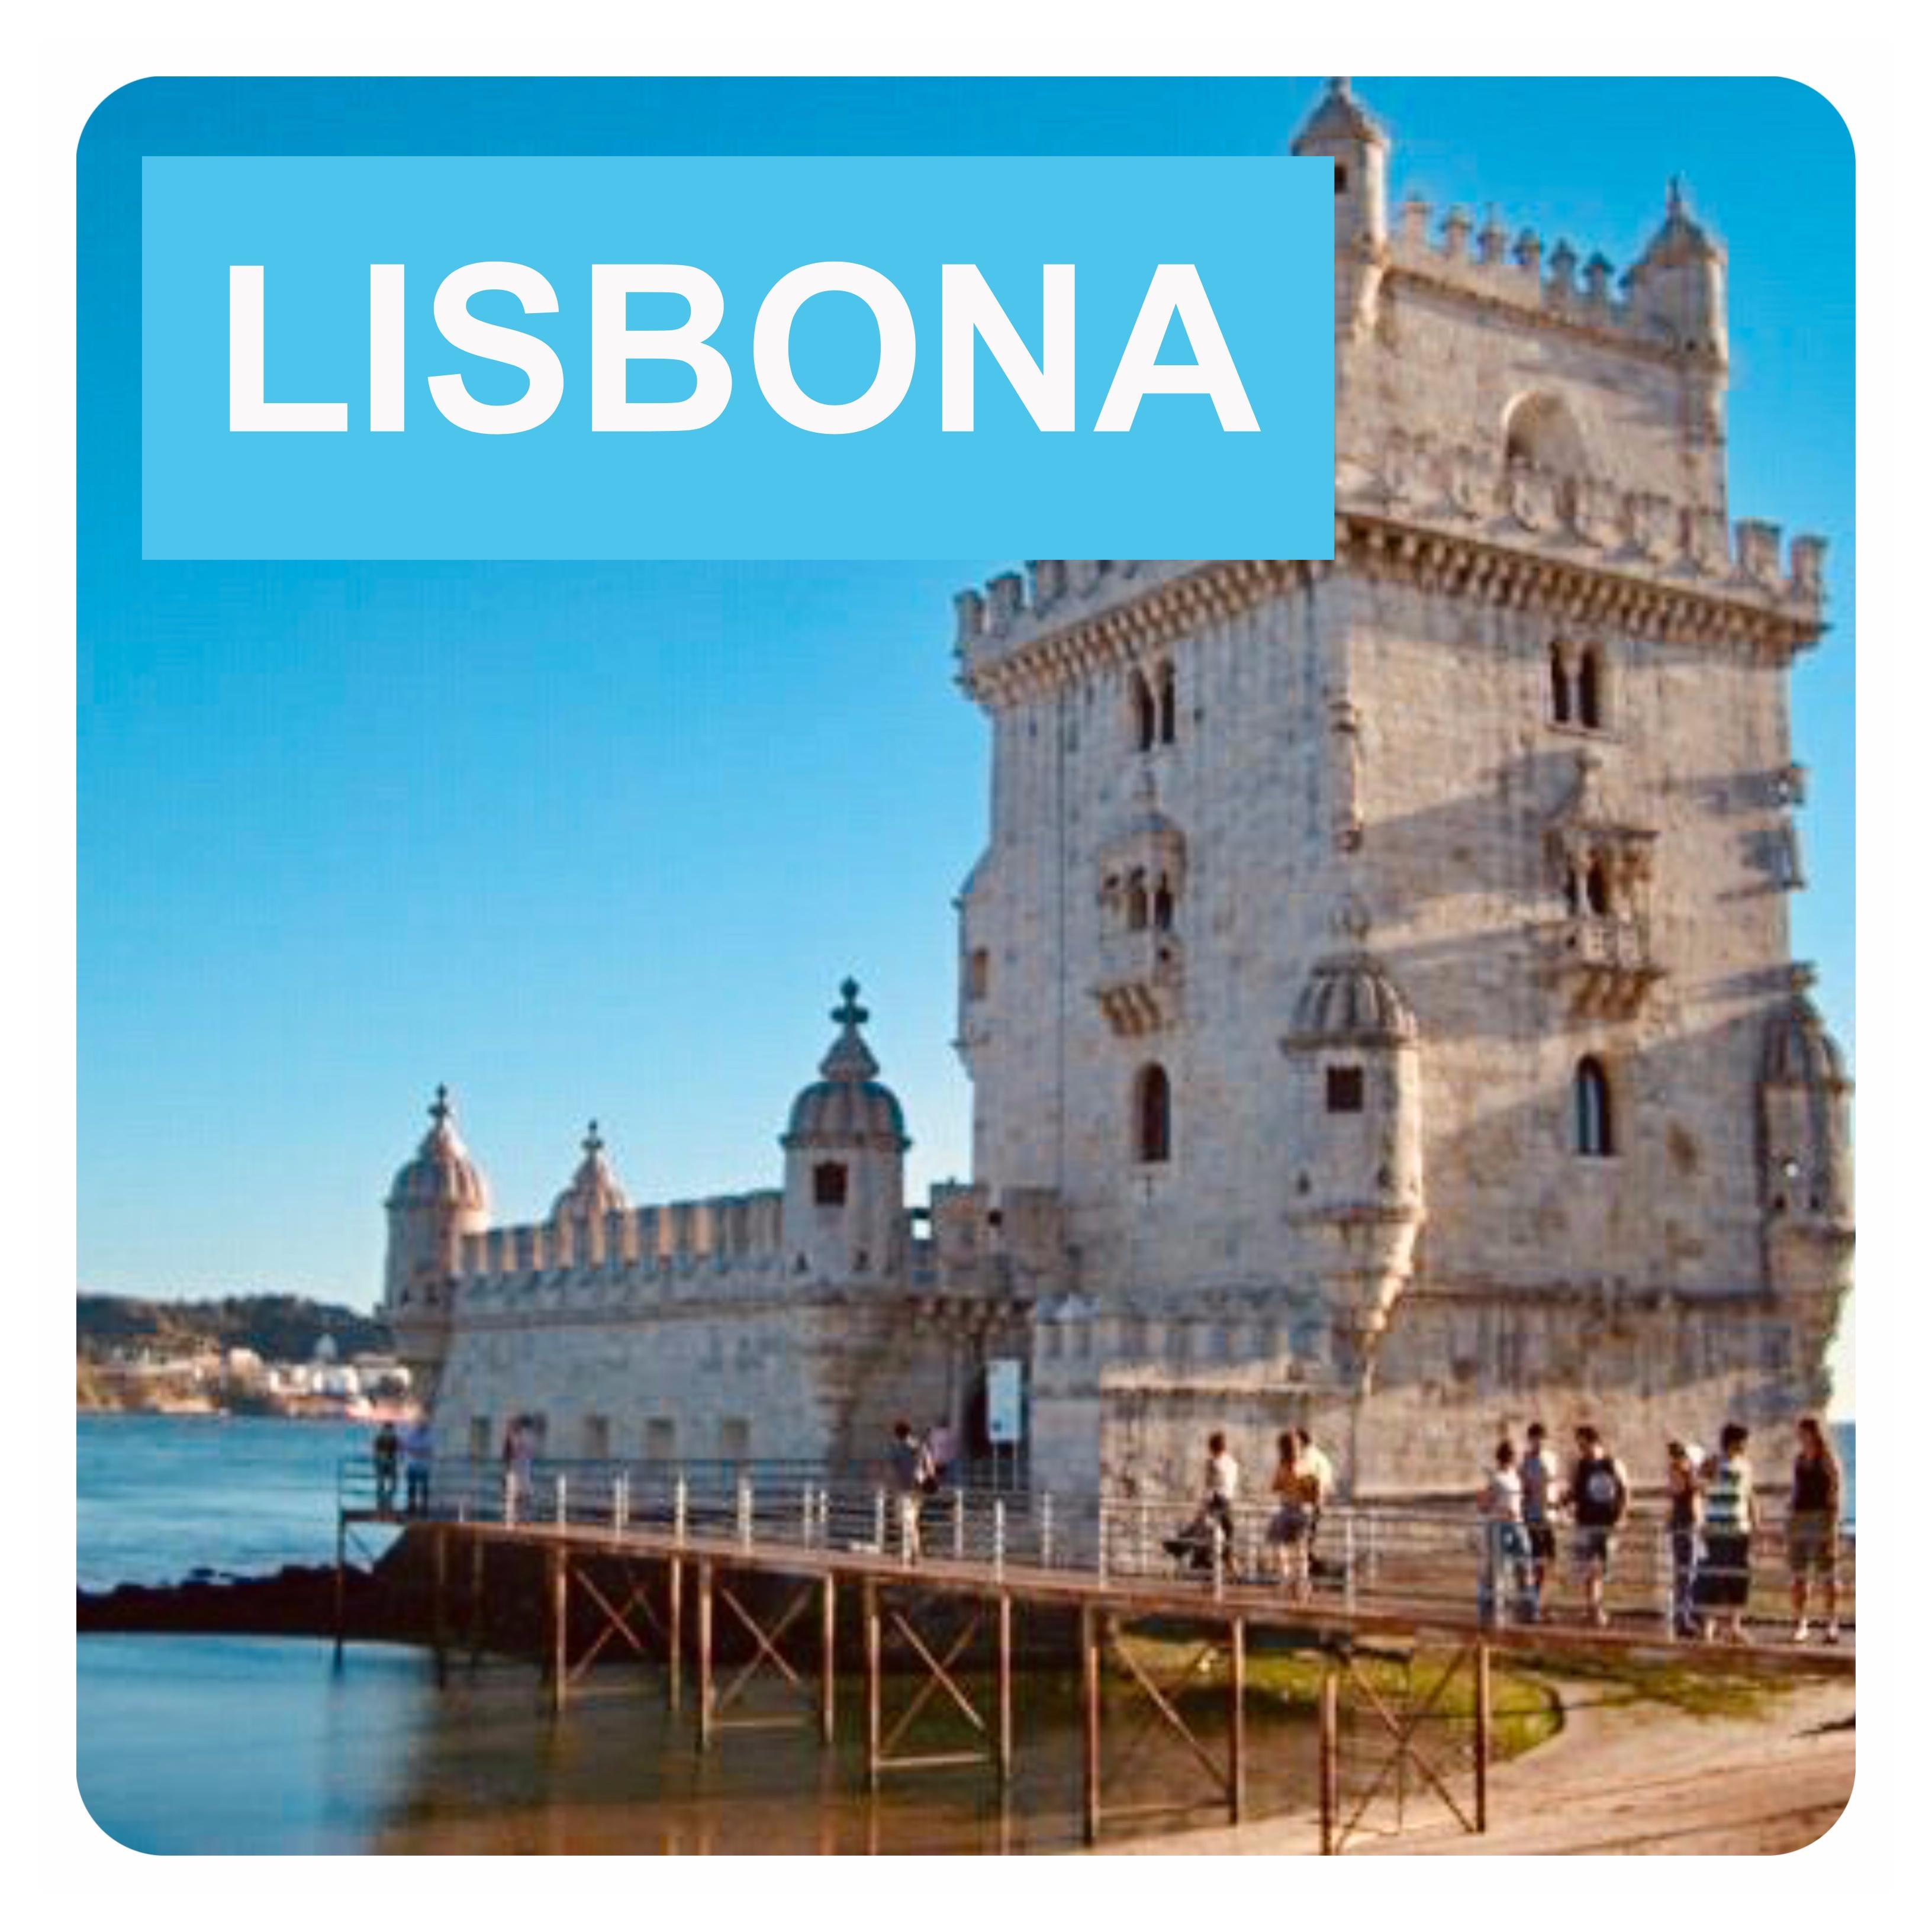 Noleggio auto Lisbona senza carta di credito